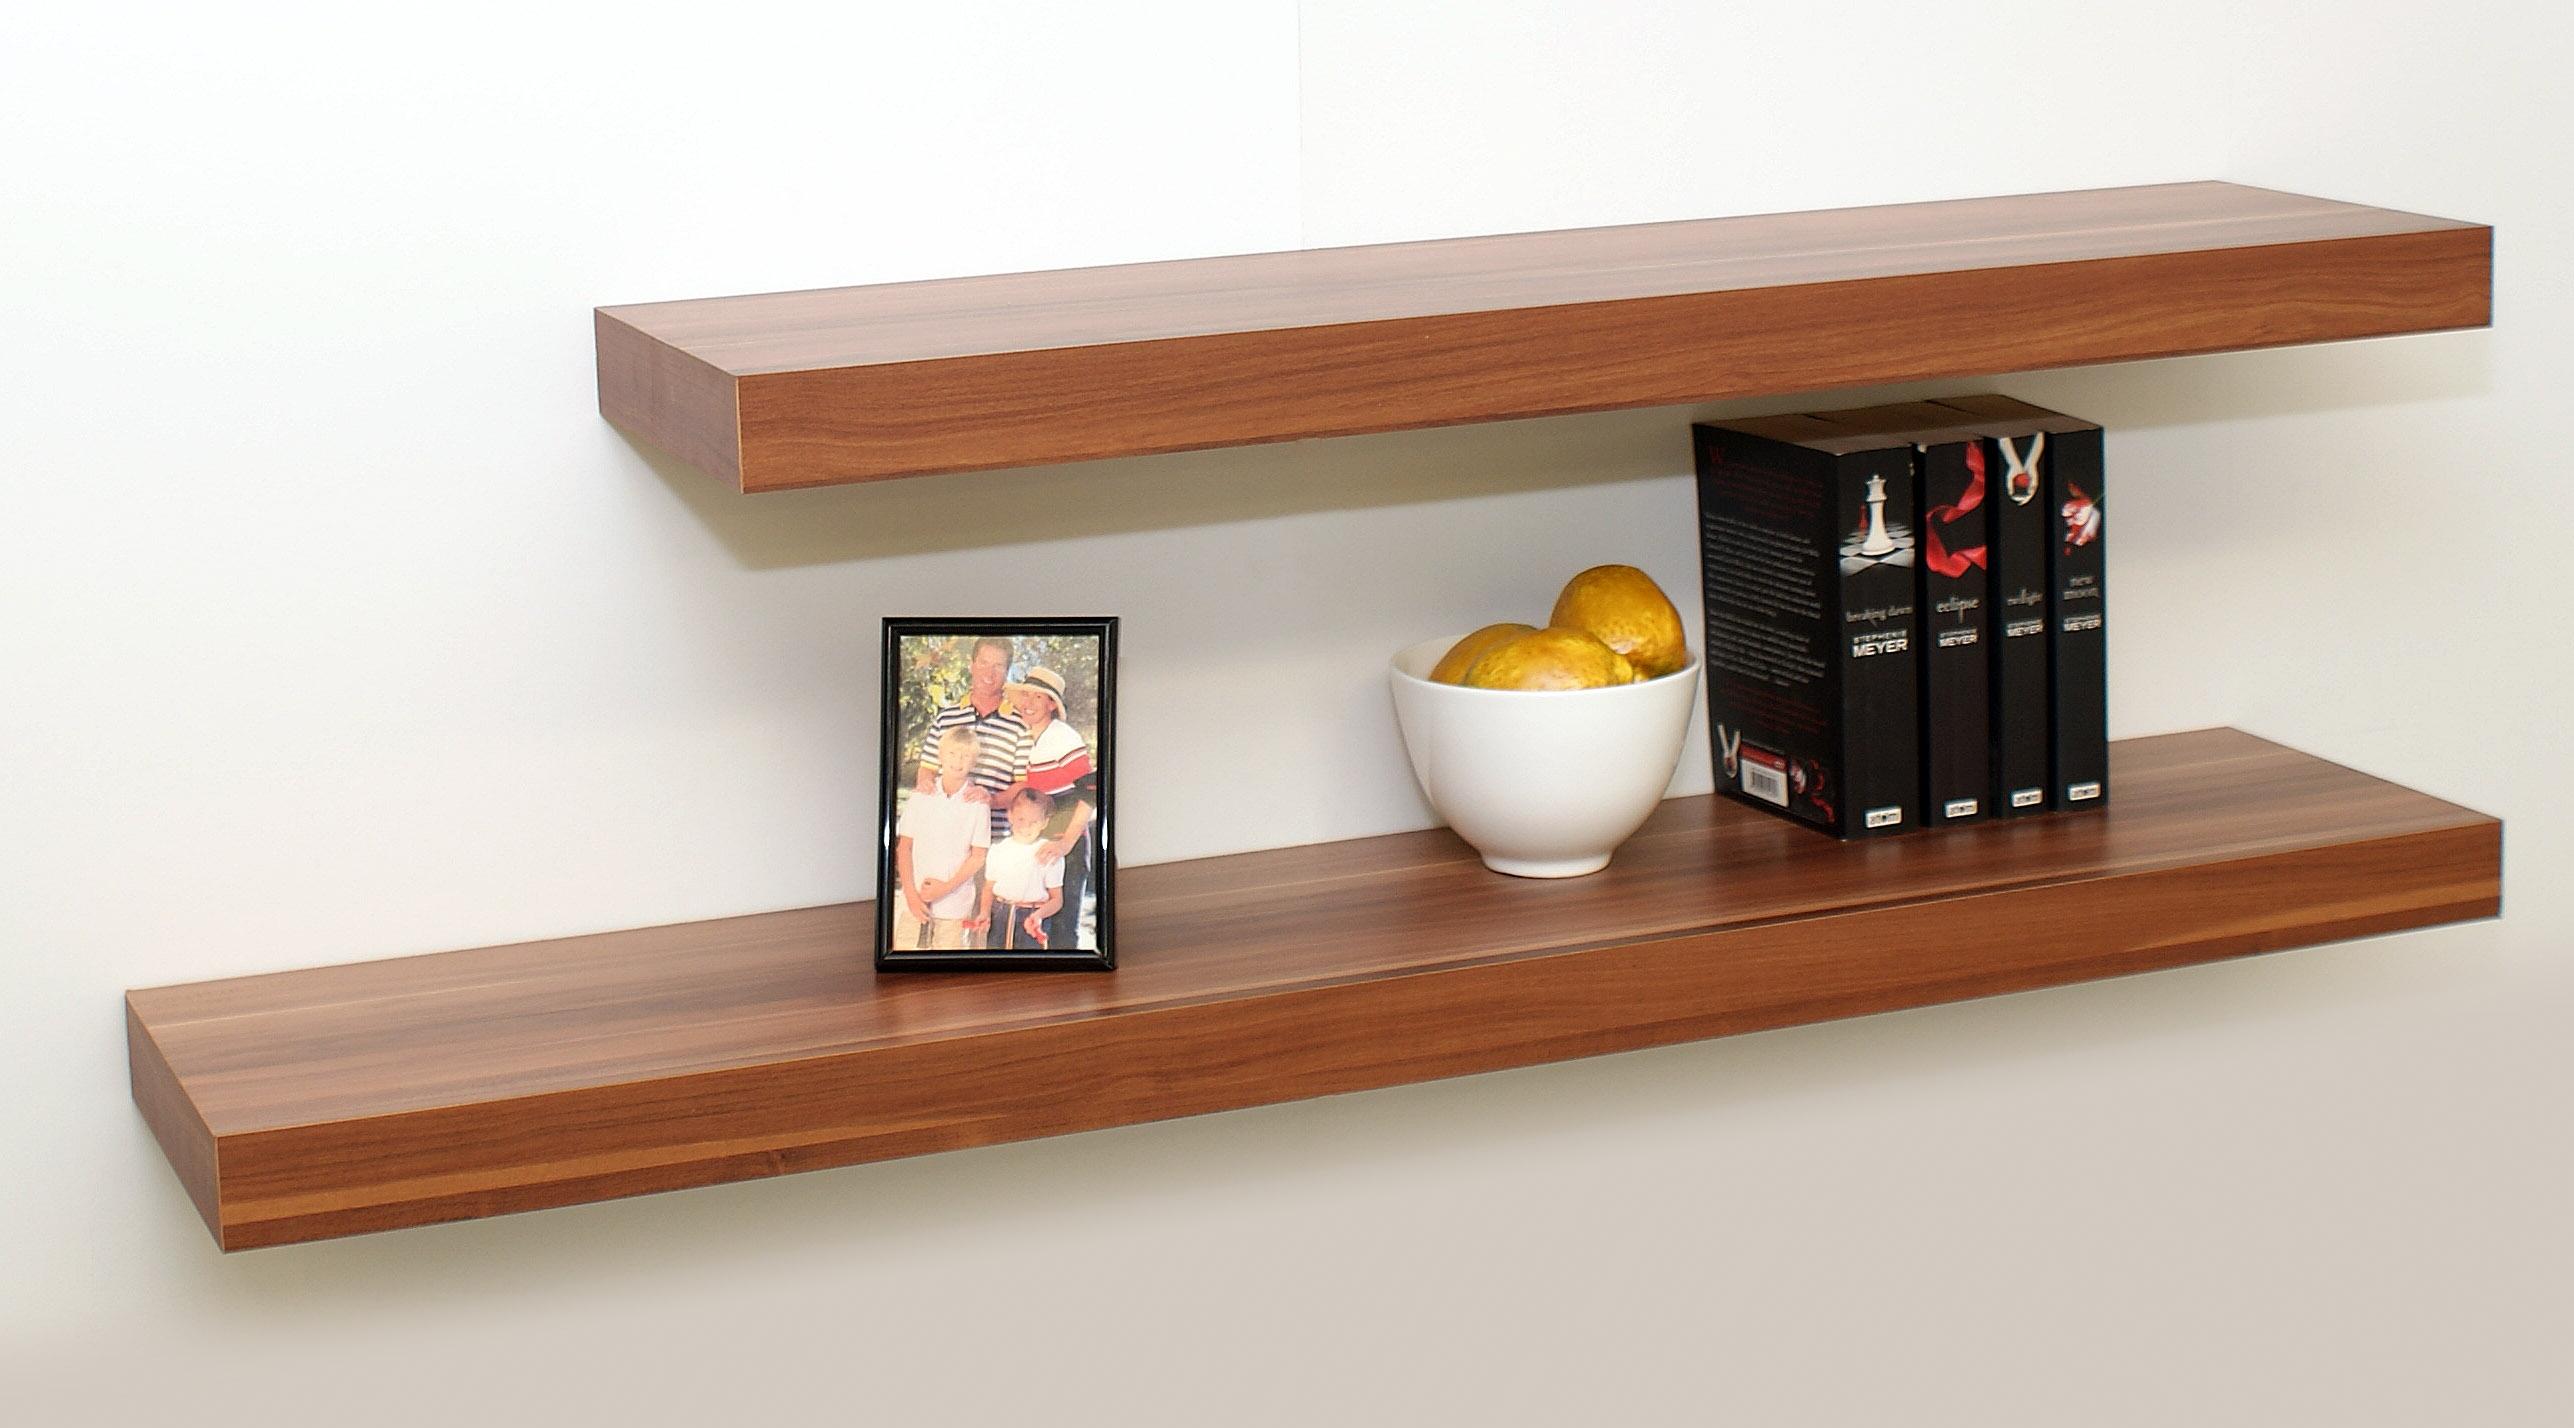 Floating Shelves Shelf Free Bookshelves Diy Wall For Kitchen Inside Floating Shelf (View 7 of 15)